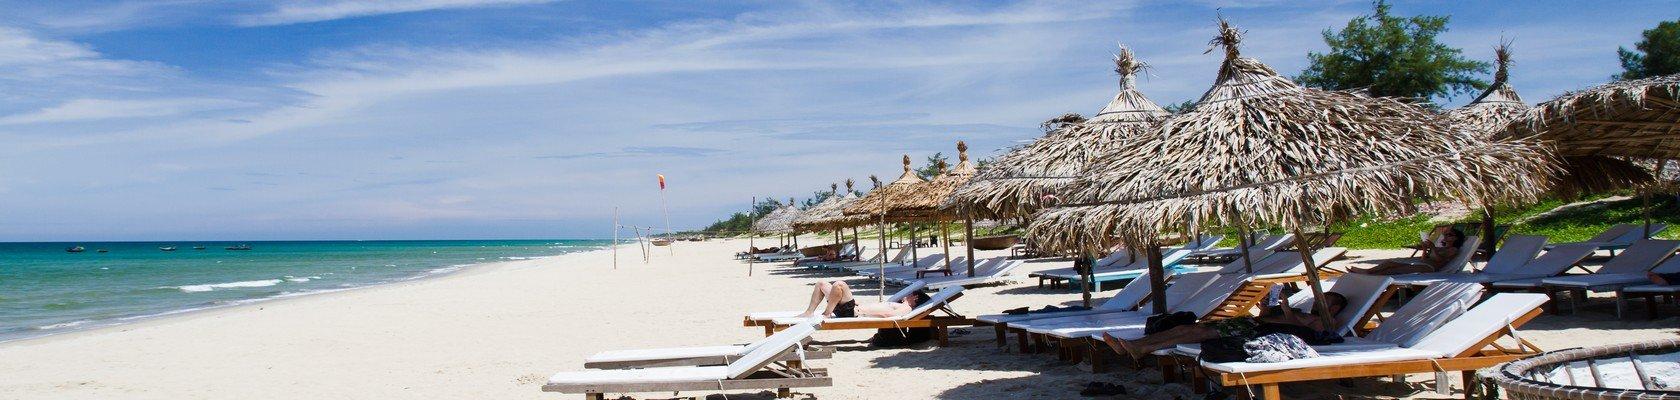 Stranddagen in Hoi An